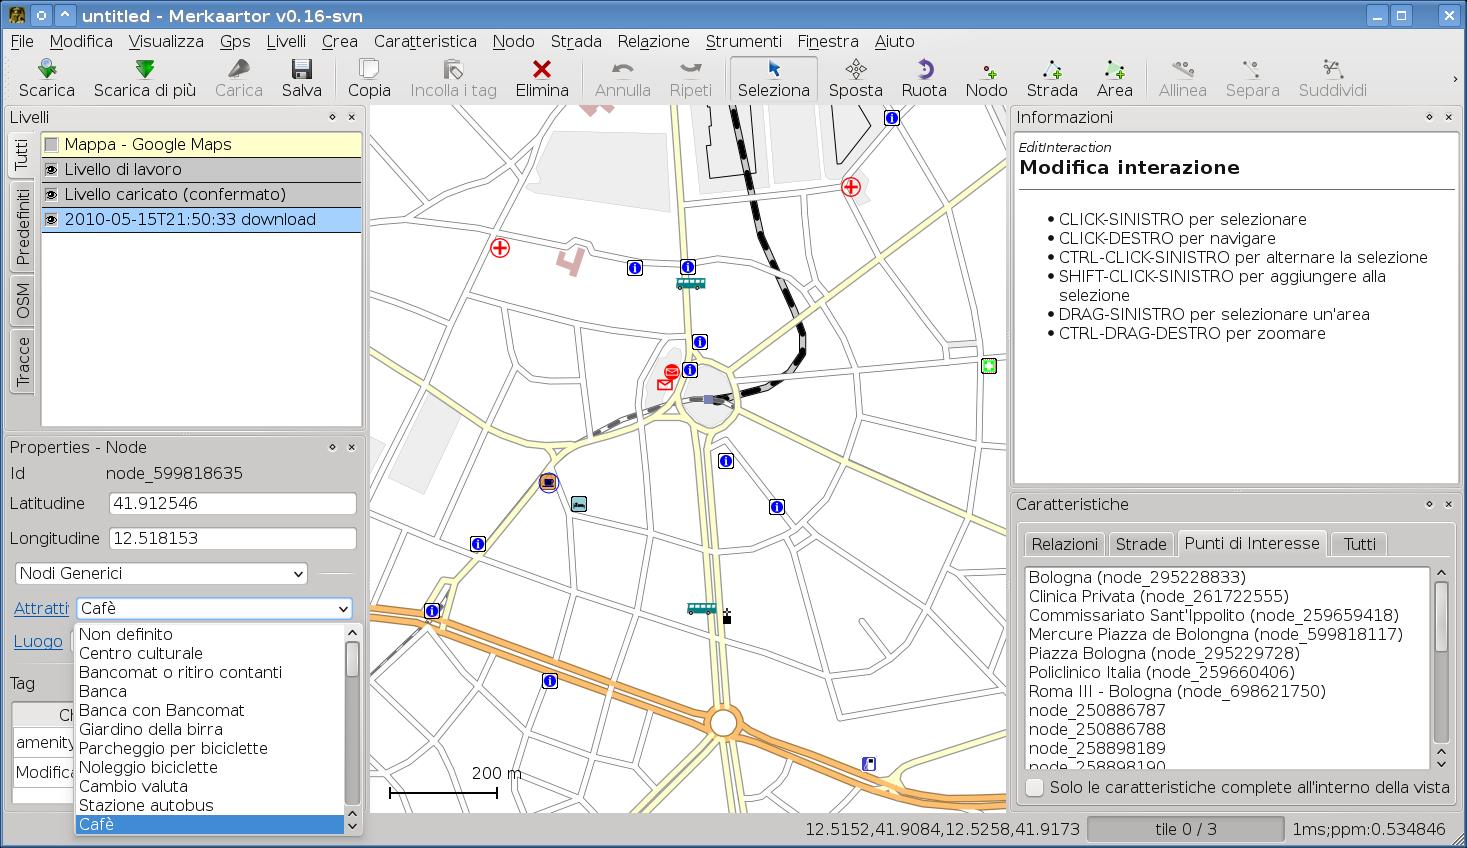 tarazon, ventana, portilla, taquilla - PDF Free Download